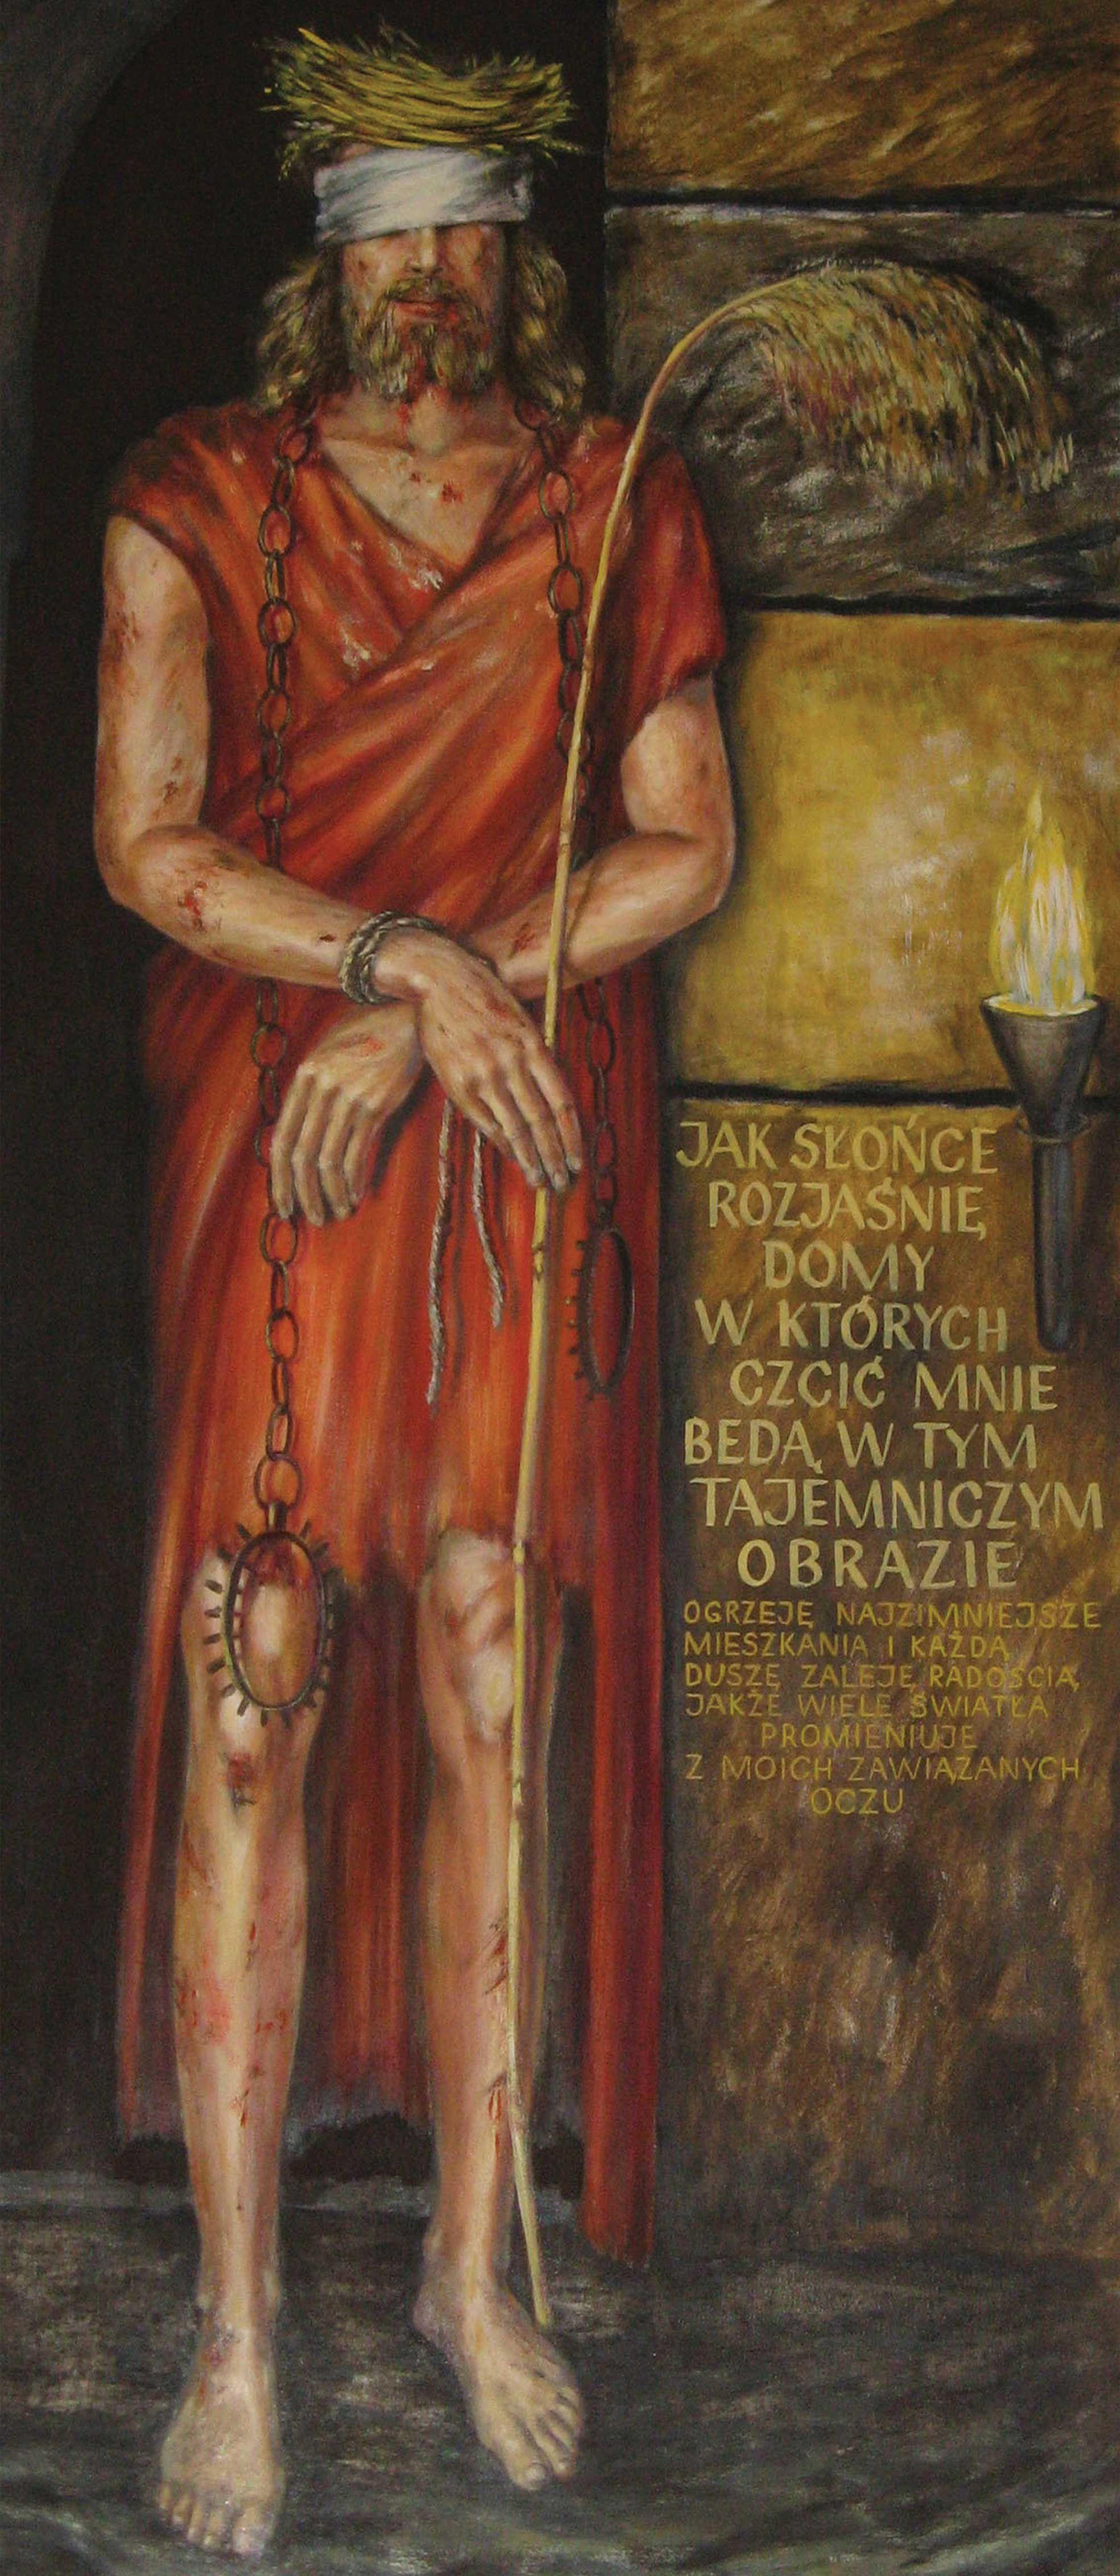 Tlo ciemnicy, dekoracja ciemnicy - baner religijny